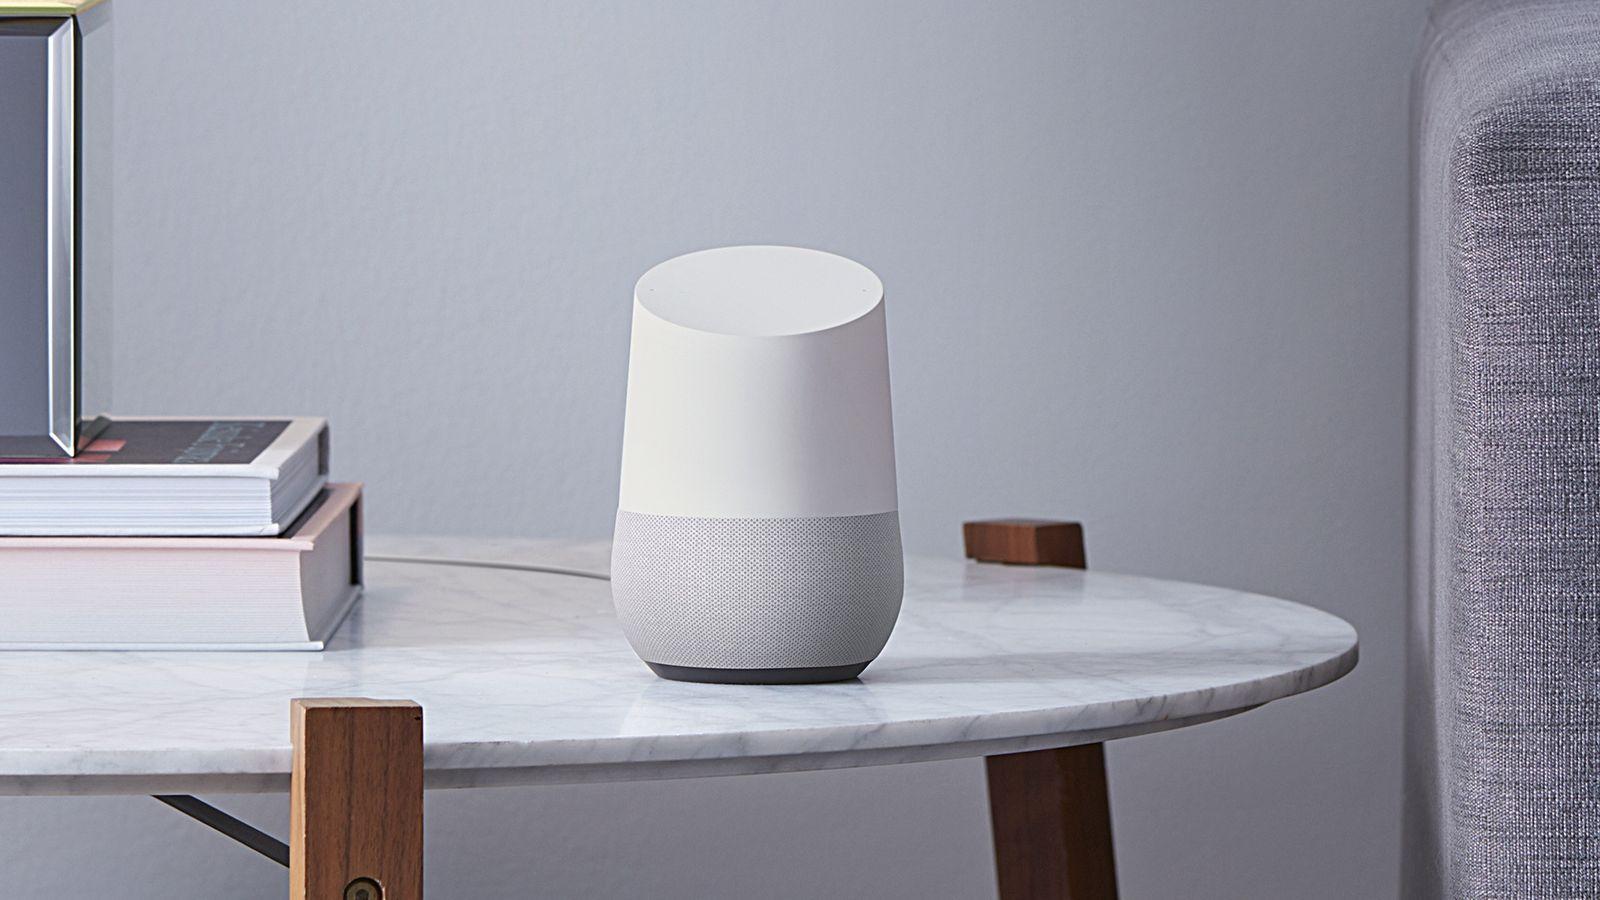 Google Home kan snart får konkurrens av Microsoft HomeHub